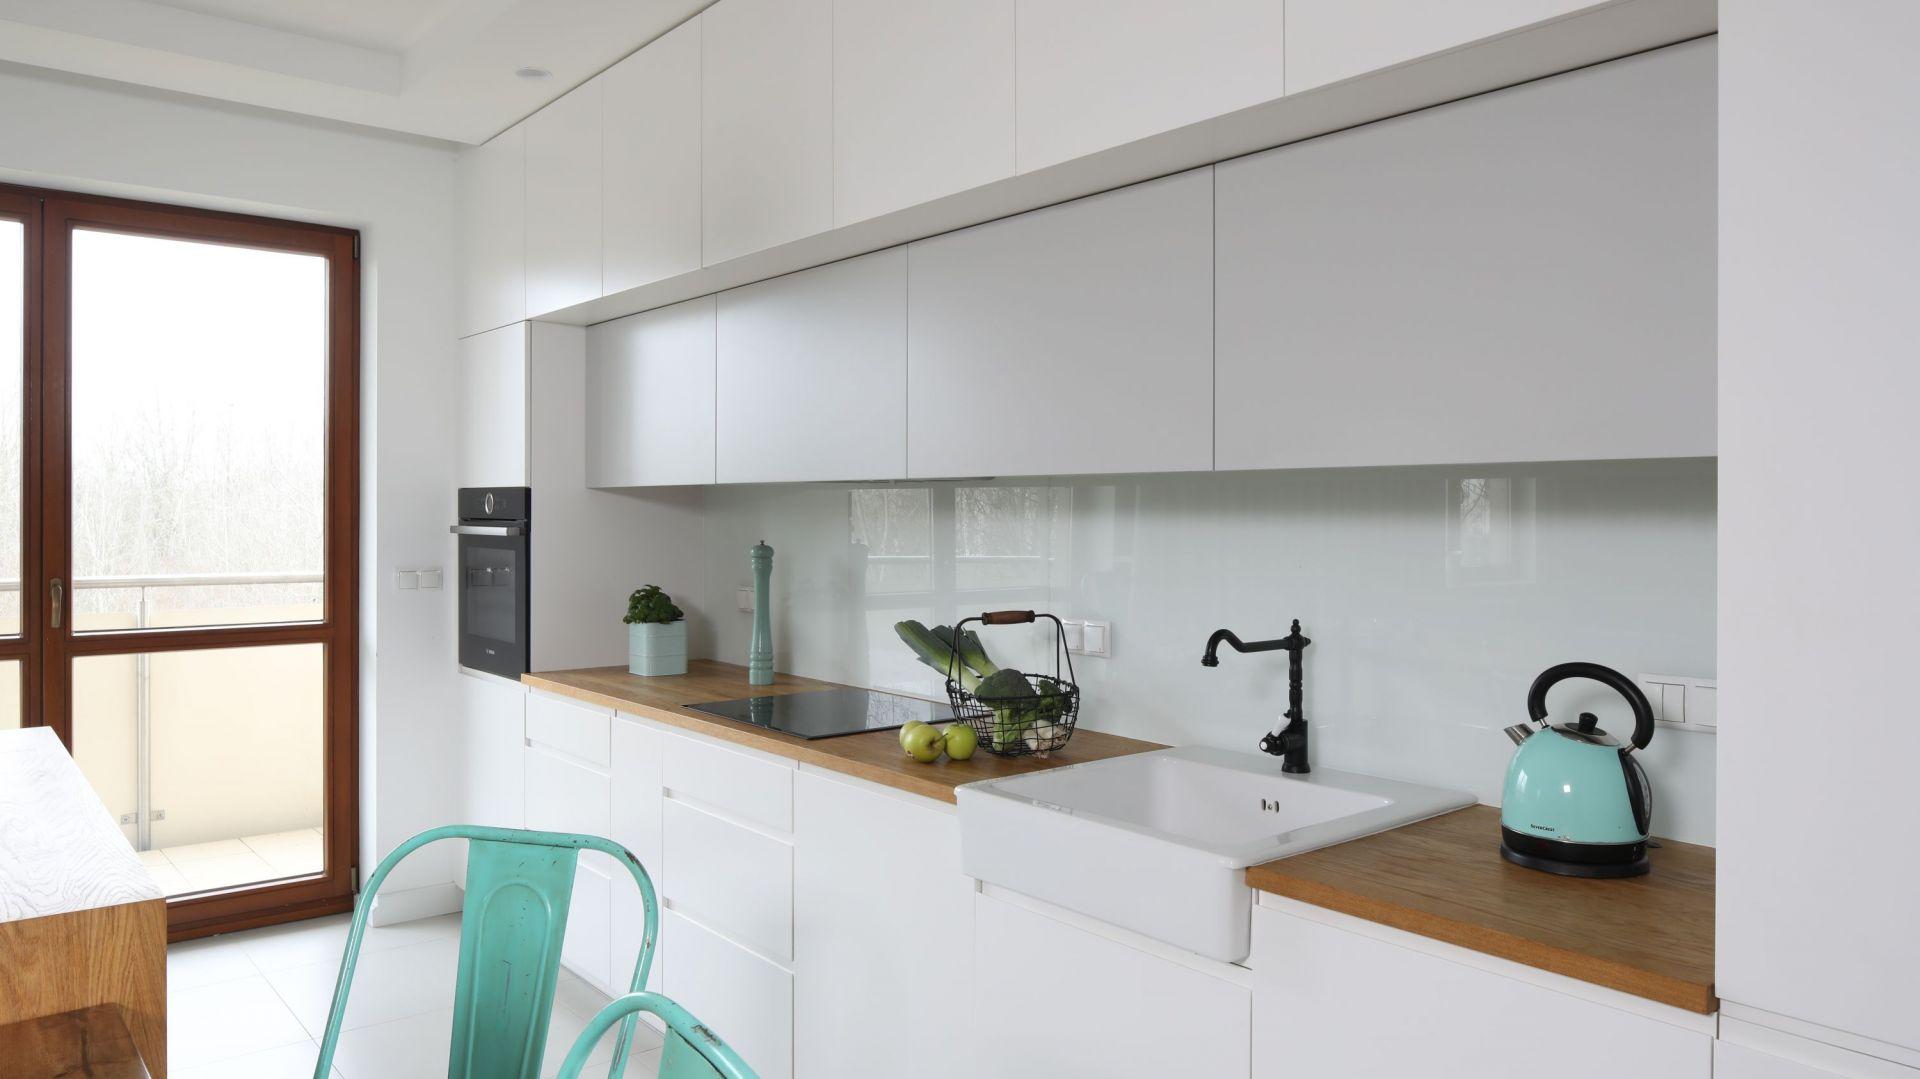 Piękne białe kuchnie. 15 pomysłów na urządzenie. Projekt Agnieszka Żyła